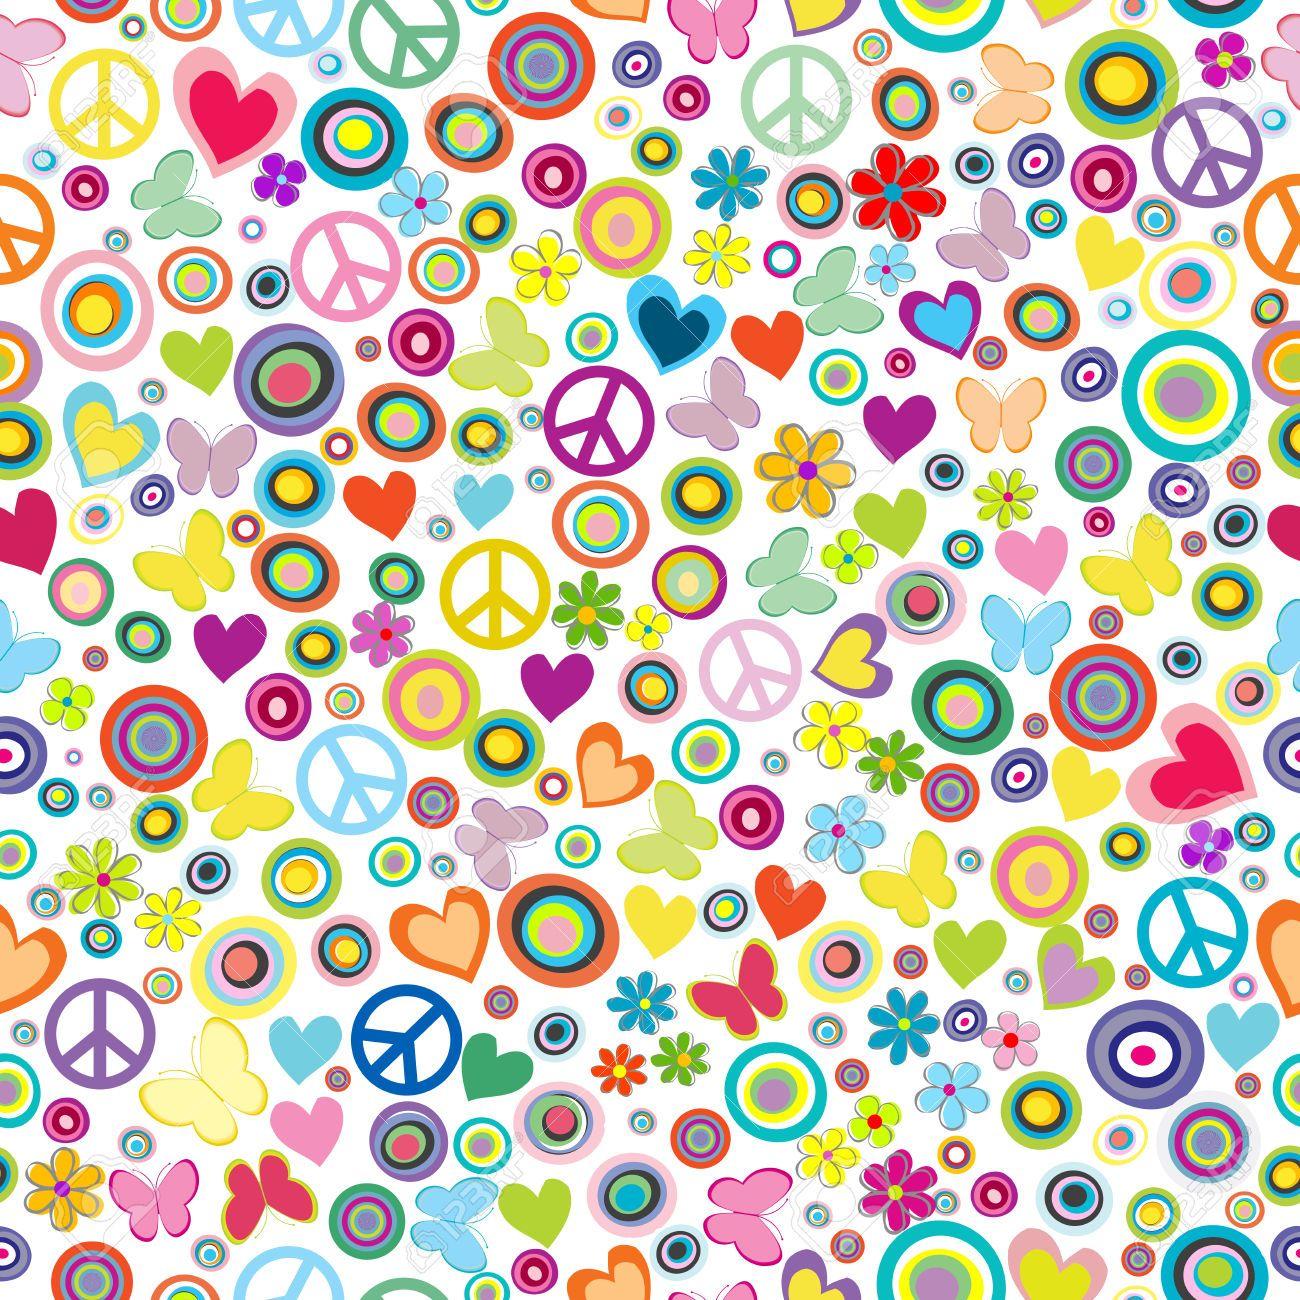 flower power bloemen - Google zoeken   happy hippie   Pinterest